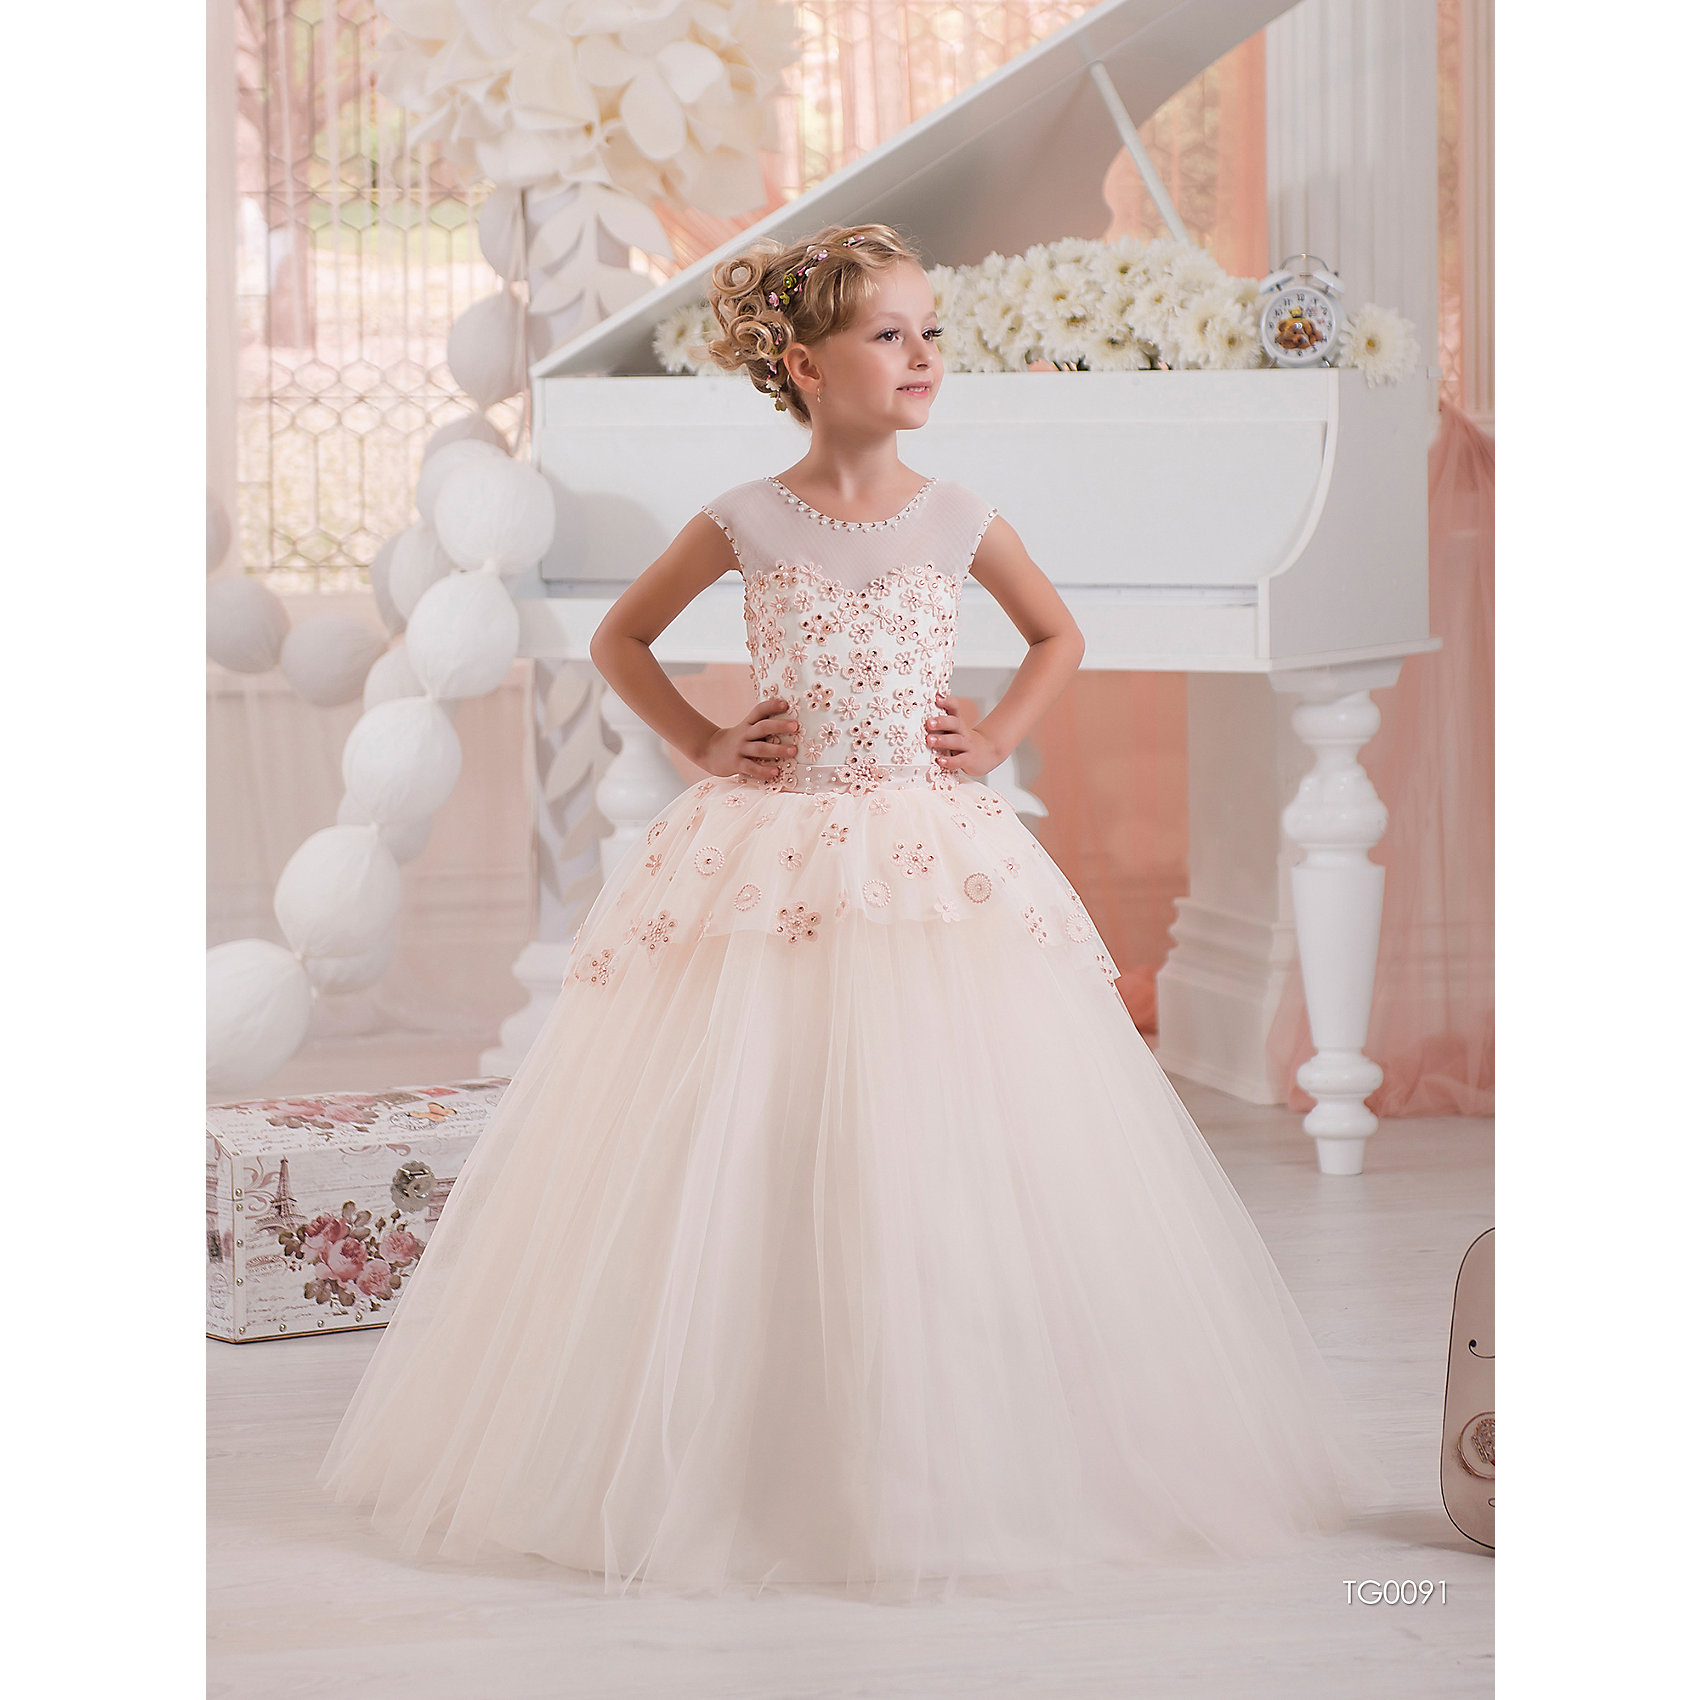 Платье нарядное ПрестижОдежда<br>Платье для девочки Престиж.<br><br>Характеристики:<br><br>• пышный силуэт<br>• без рукавов<br>• корсет<br>• состав: 100% полиэстер<br>• цвет: молочный<br><br>Платье для девочки Престиж имеет пышный силуэт. Светлый лиф платья с дополнением из кружева приятно сочетается с пышной юбкой и бантом-поясом. В этом платье девочка всегда будет в центре внимания!<br><br>Платье регулируется шнуровкой сзади, от талии до верха спинки. Шнуровка в комплекте.<br>Платье подходит для занятий бальными танцами.<br><br>Вы можете приобрести платье для девочки Престиж в нашем интернет-магазине.<br><br>Ширина мм: 236<br>Глубина мм: 16<br>Высота мм: 184<br>Вес г: 177<br>Цвет: молочный<br>Возраст от месяцев: 108<br>Возраст до месяцев: 120<br>Пол: Женский<br>Возраст: Детский<br>Размер: 128,122<br>SKU: 5158420